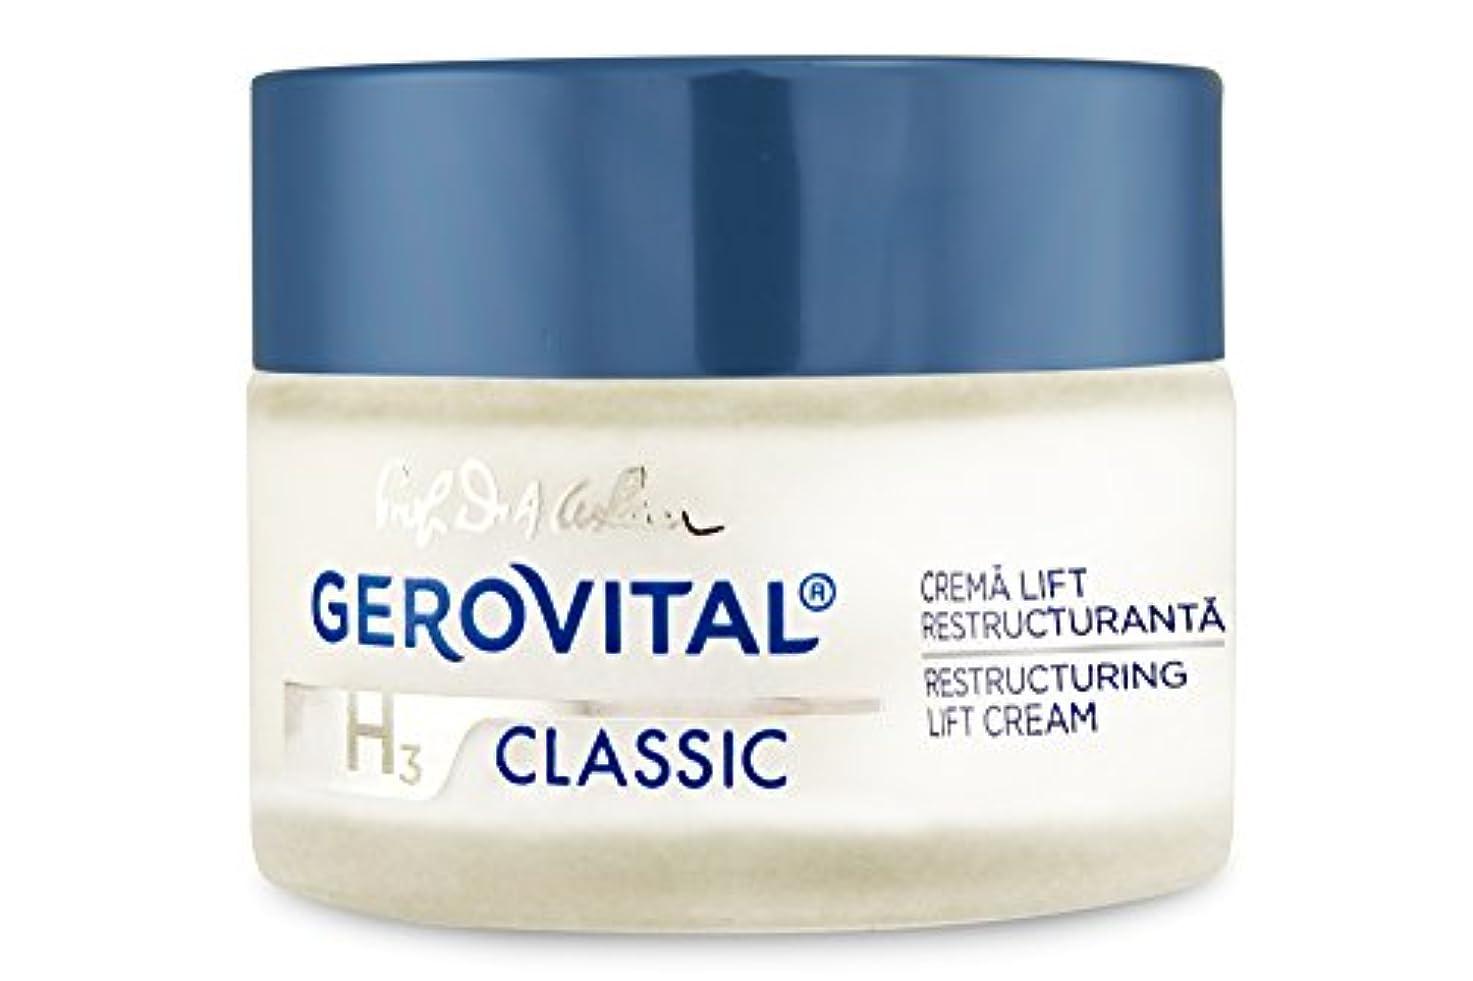 ポーズ調整見捨てられたジェロビタール H3 クラシック リストラクト ナイトリフトクリーム 50 ml / 1.69 fl.oz. [海外直送]